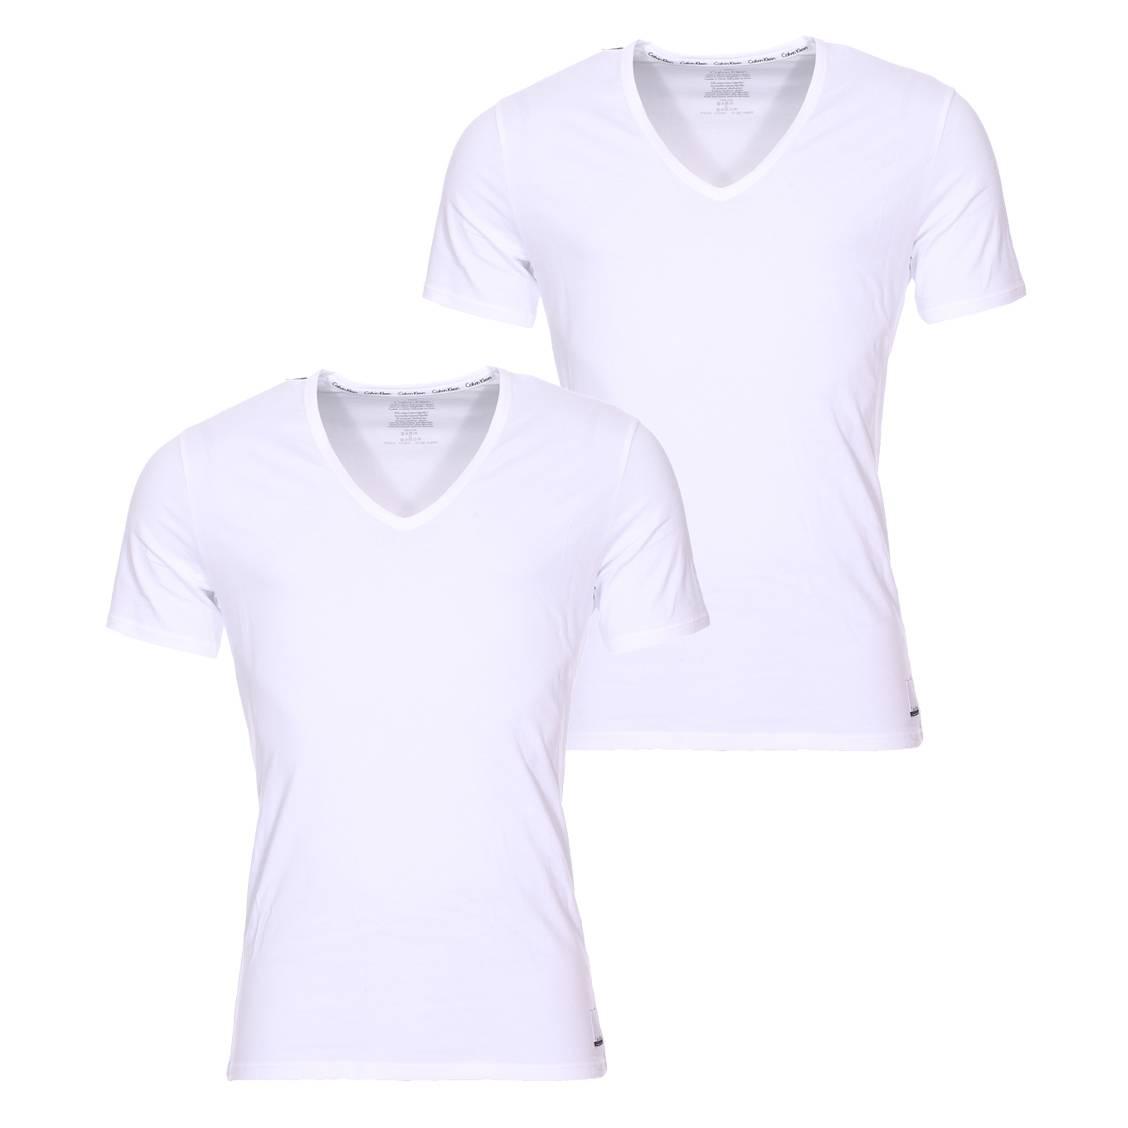 Lot de 2 t-shirt col V en coton Blanc Calvin KleinCalvin Klein Acheter Pas Cher De La France Payer Avec Le Prix Pas Cher Paypal Classique Pas Cher En Ligne La Sortie Des Prix Bon Marché 47yiYB2